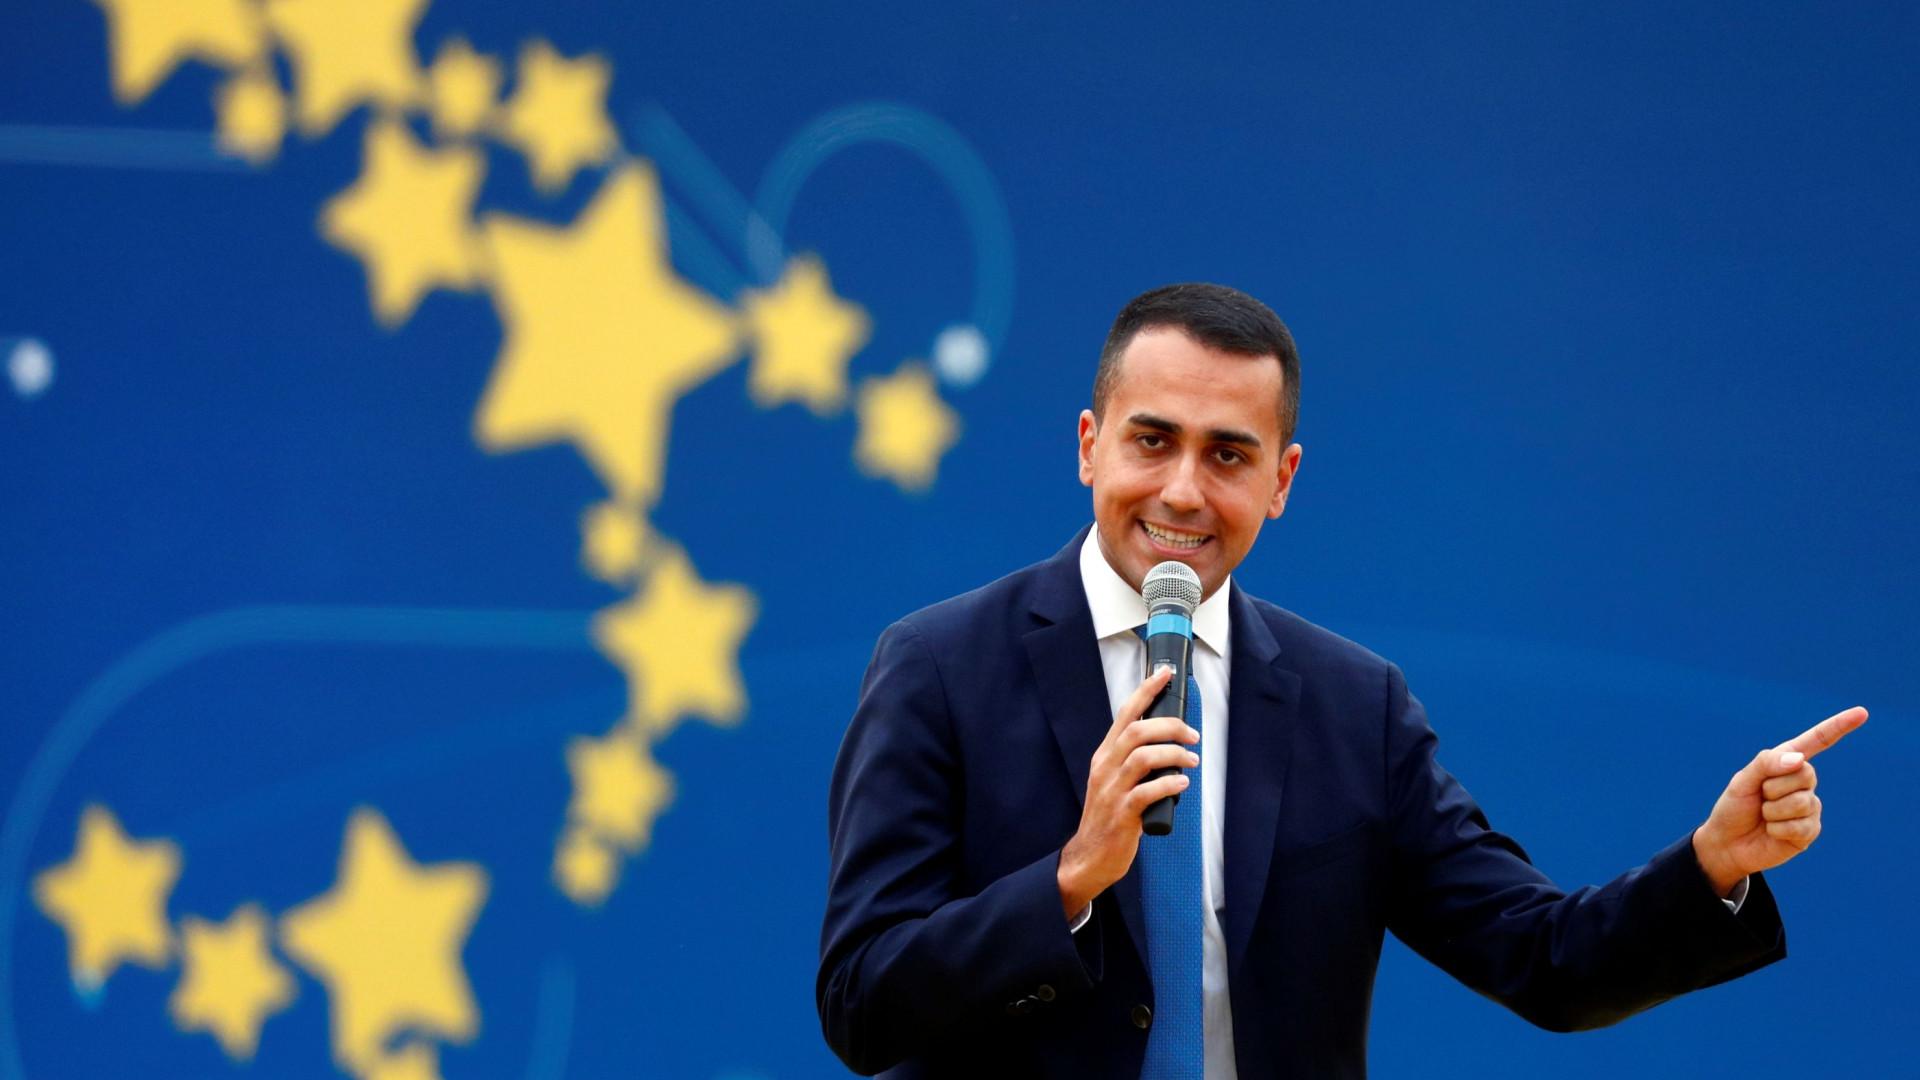 Governo italiano recusa corrigir o Orçamento e corre o risco de sanções